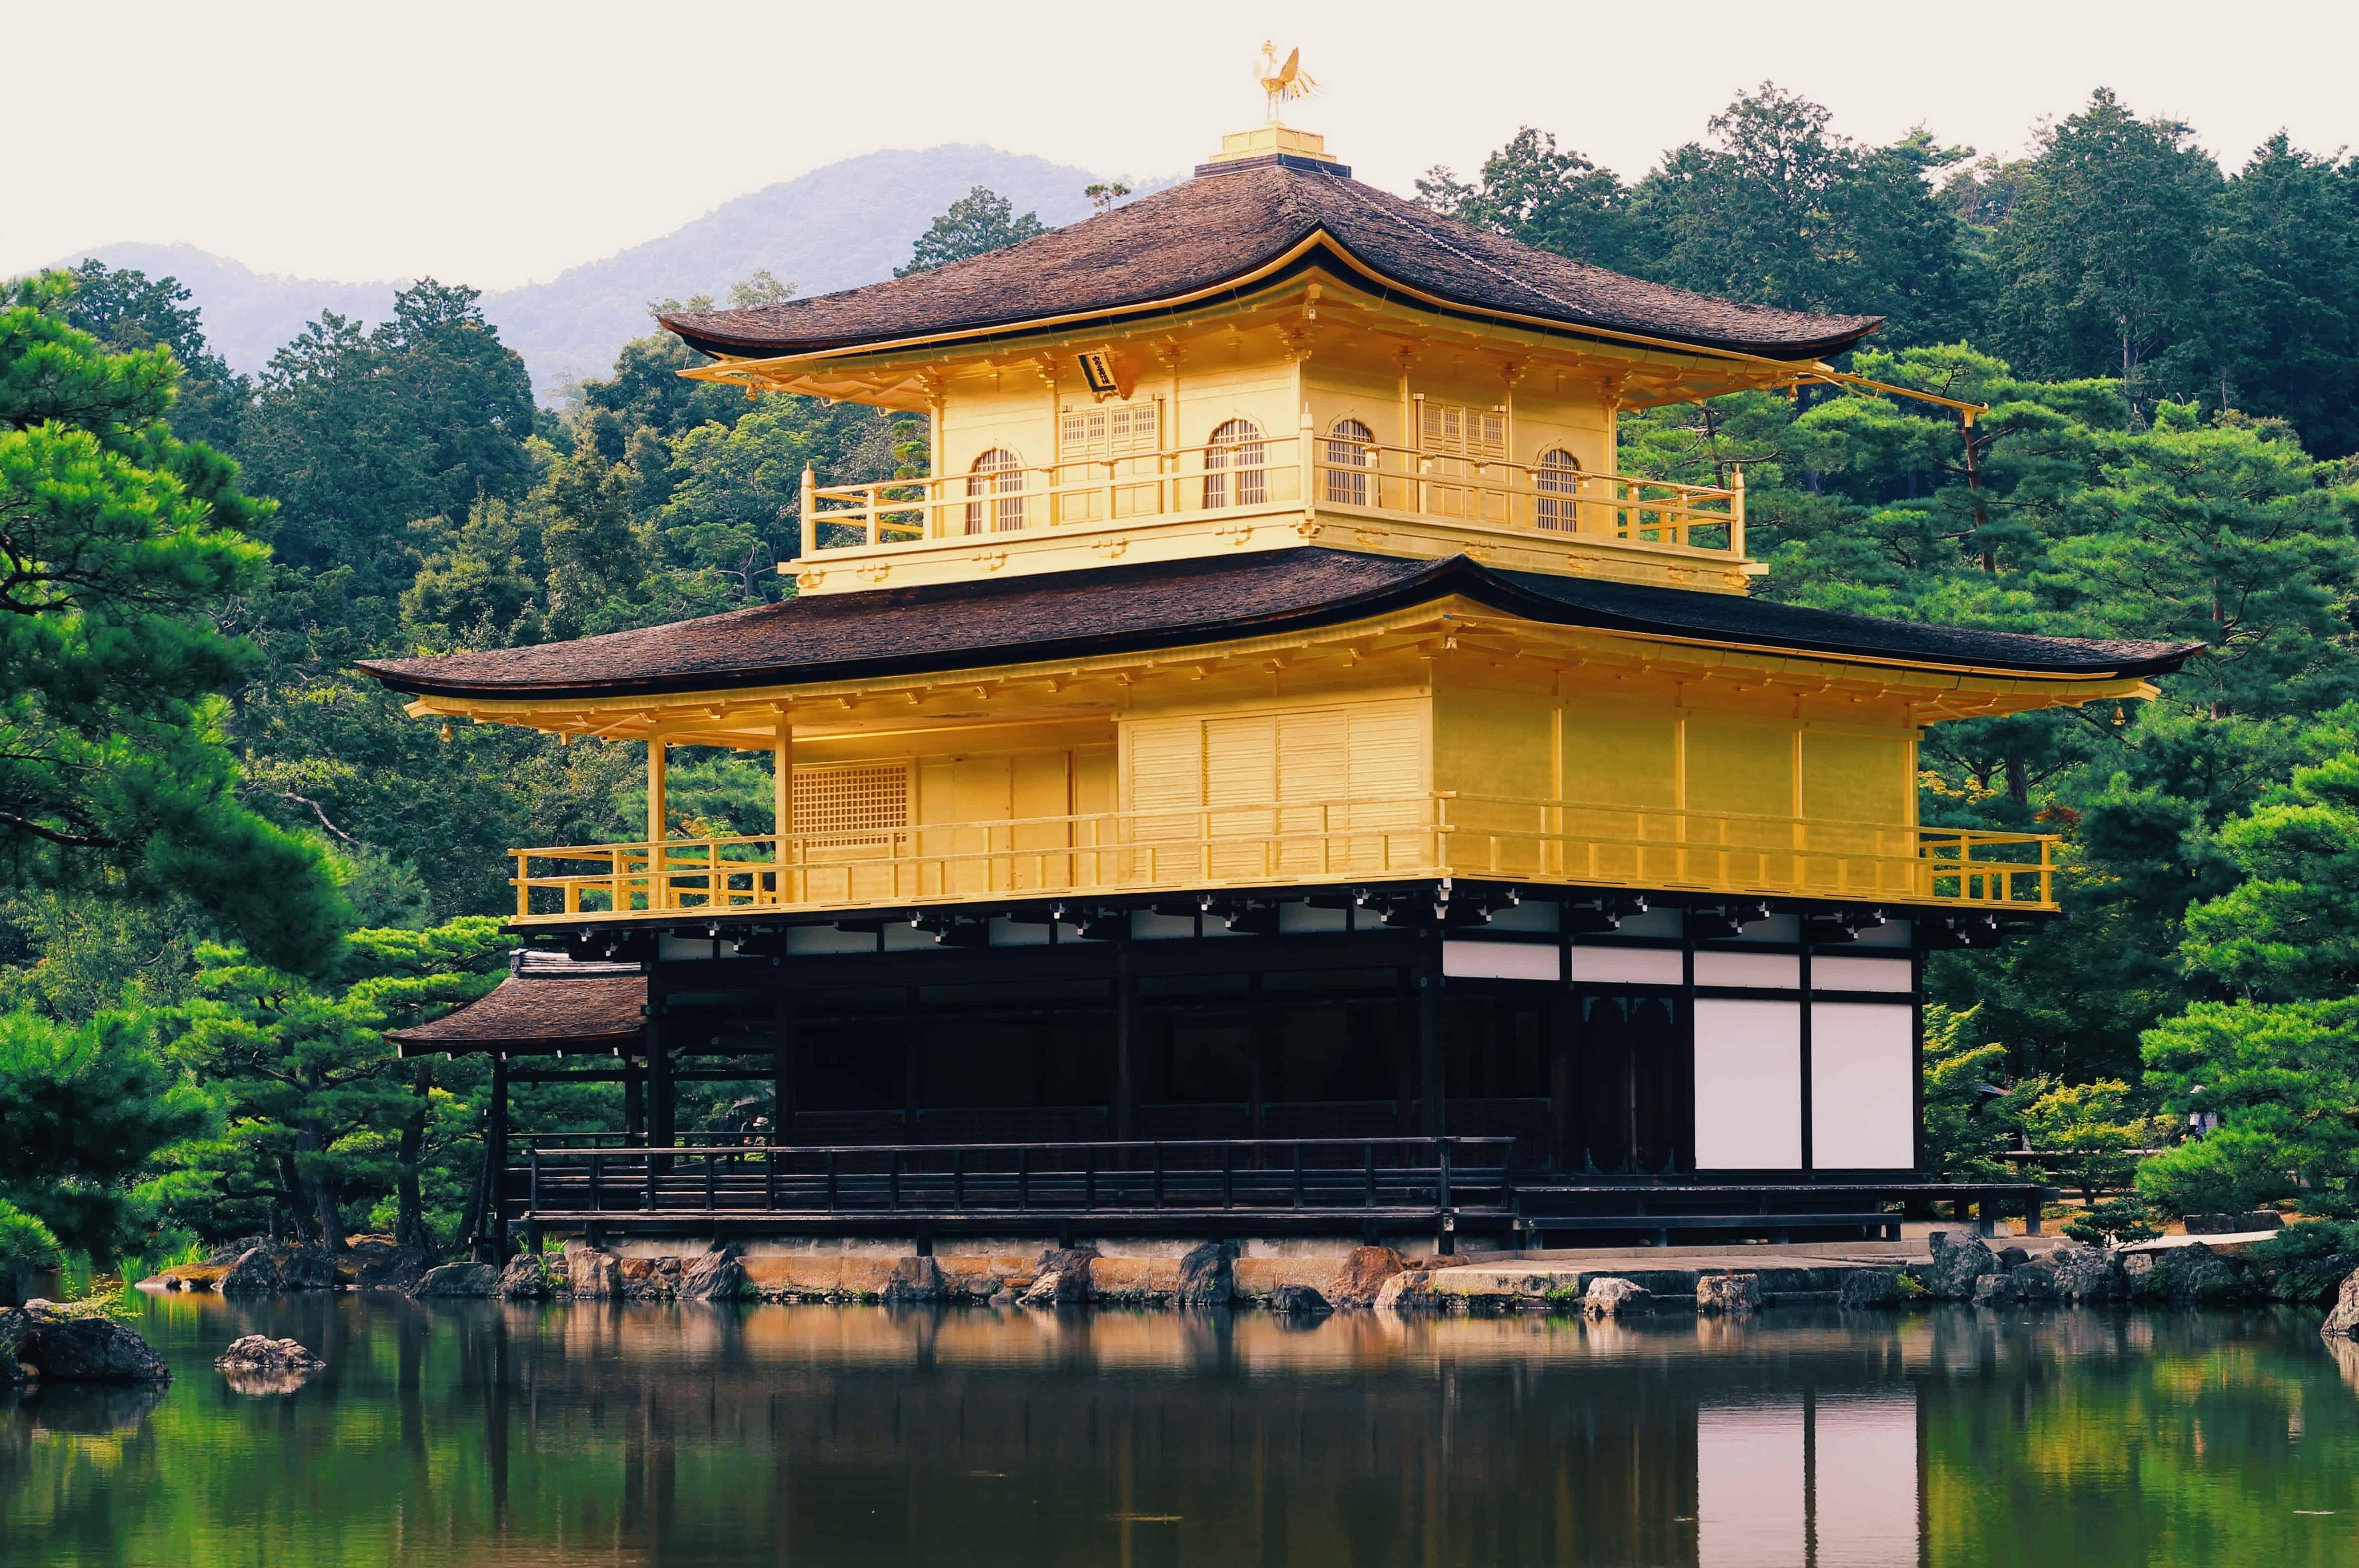 7 โลเคชั่นจากผม แมว และการเดินทางของเรา : วัดคินคะคุจิ (Kinkakuji Temple : 金閣寺)